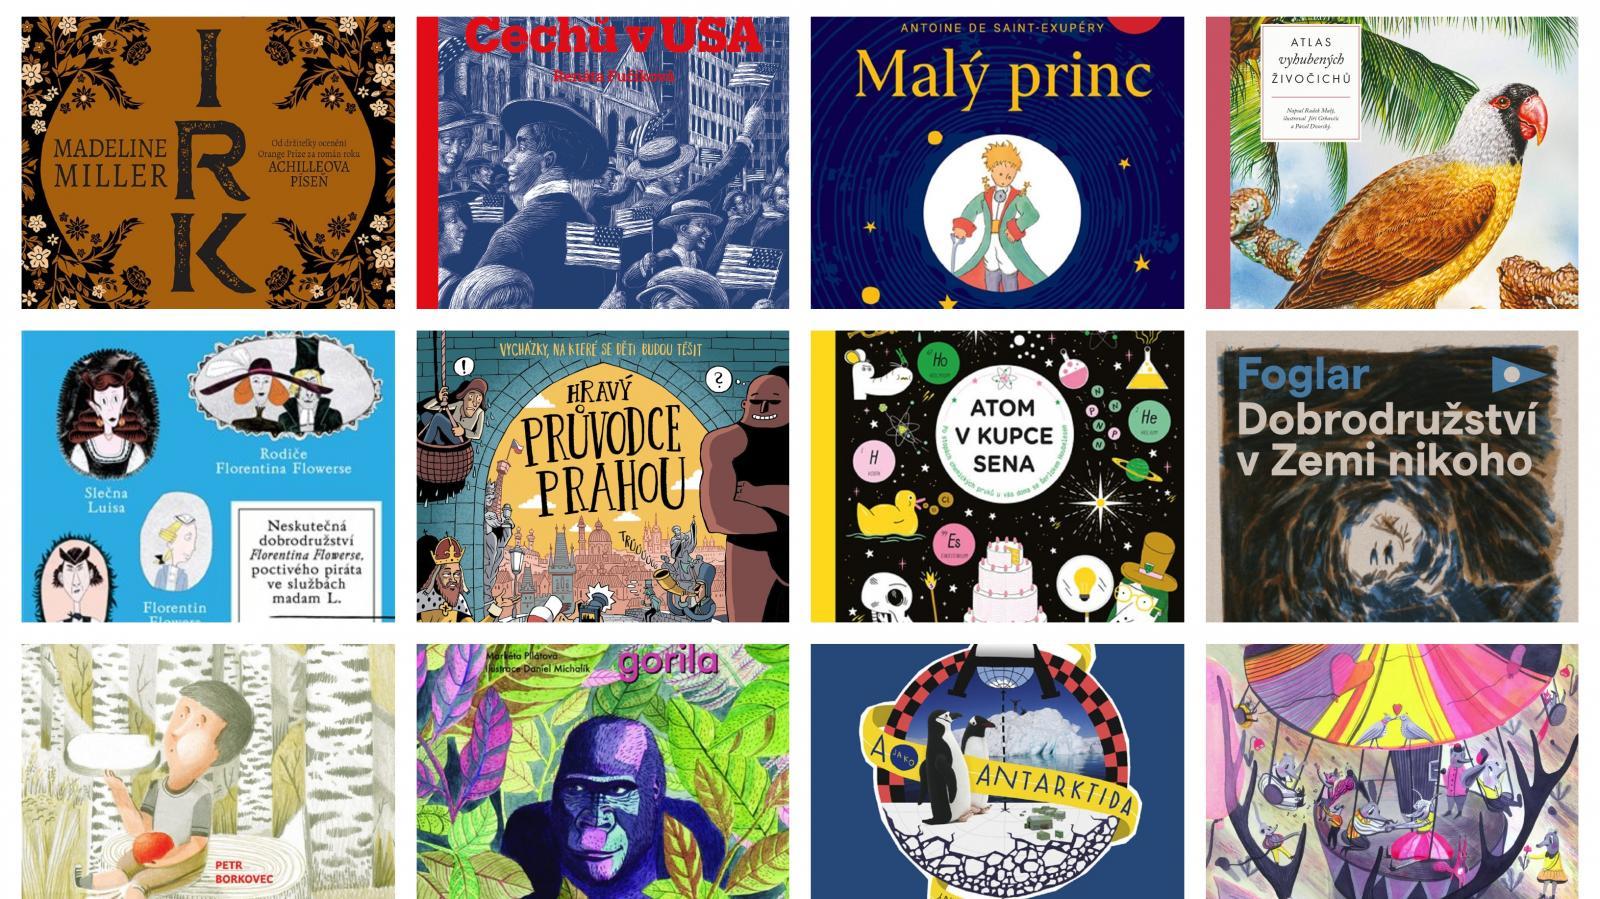 Knihy oceněné Zlatou stuhou za rok 2019